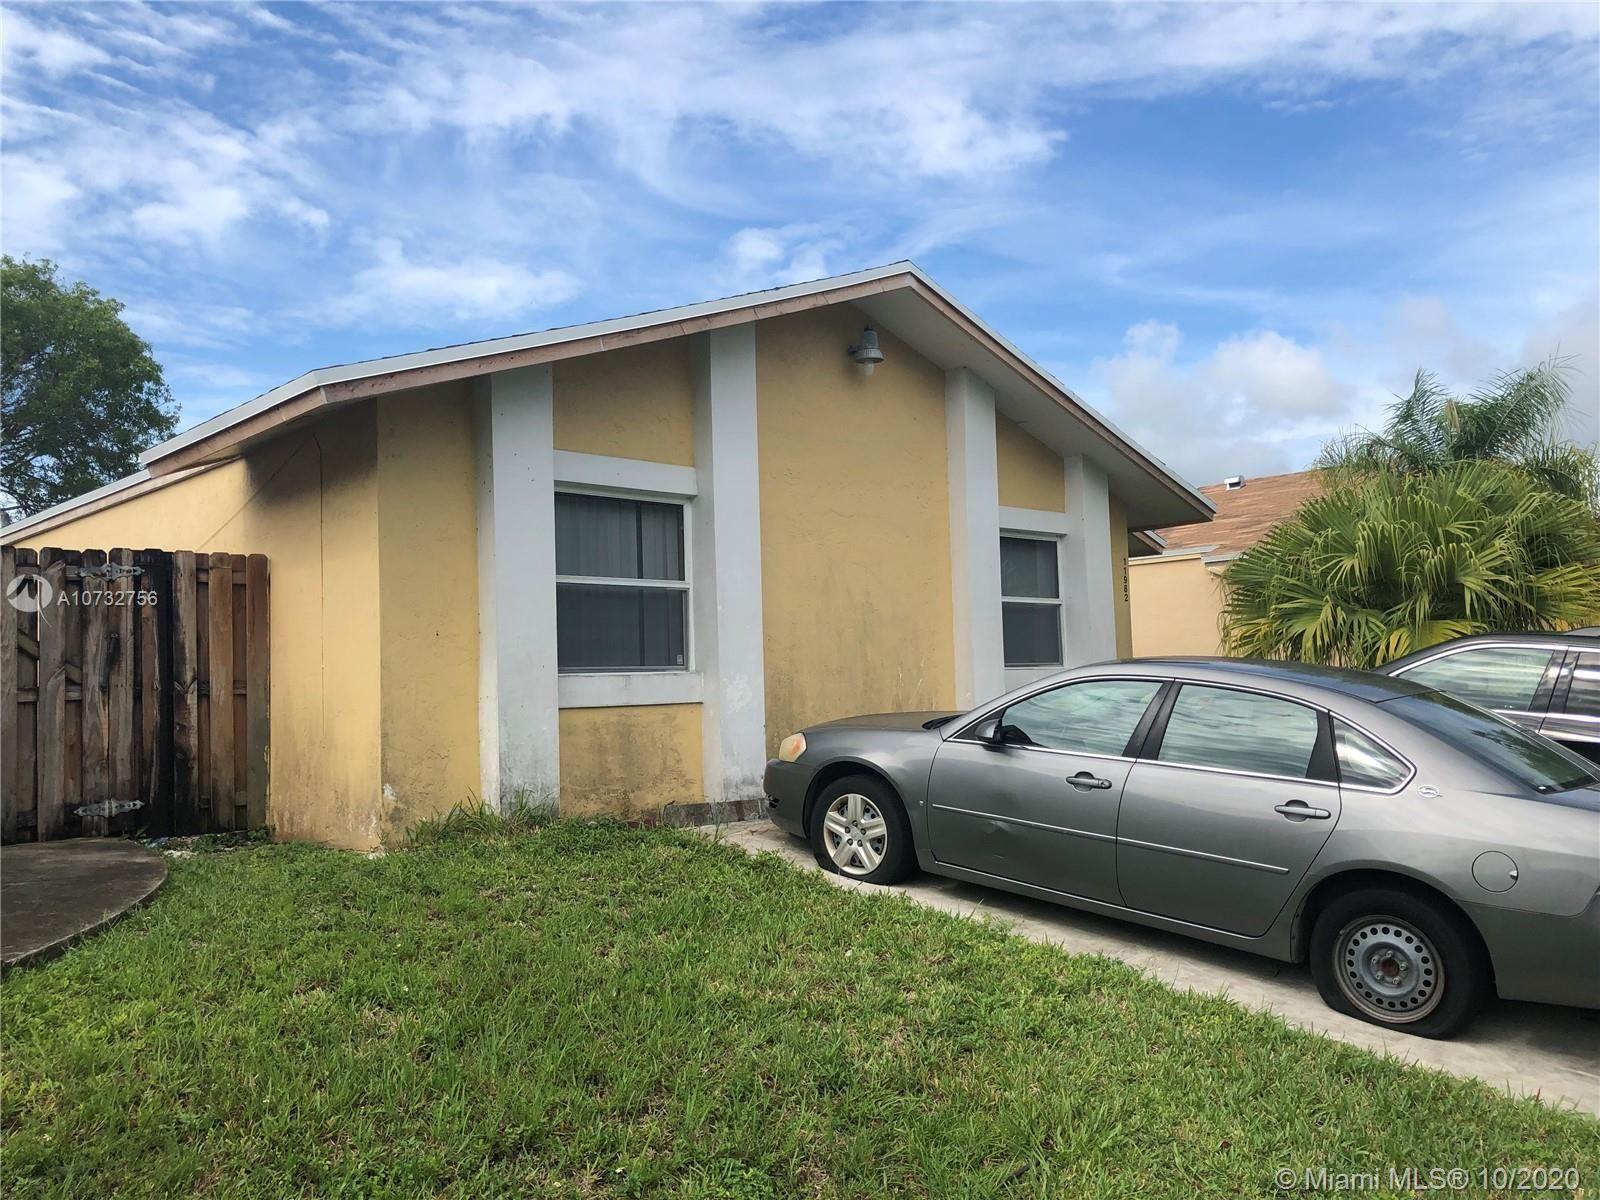 11982 SW 210th Ter, Miami, FL 33177 - #: A10732756